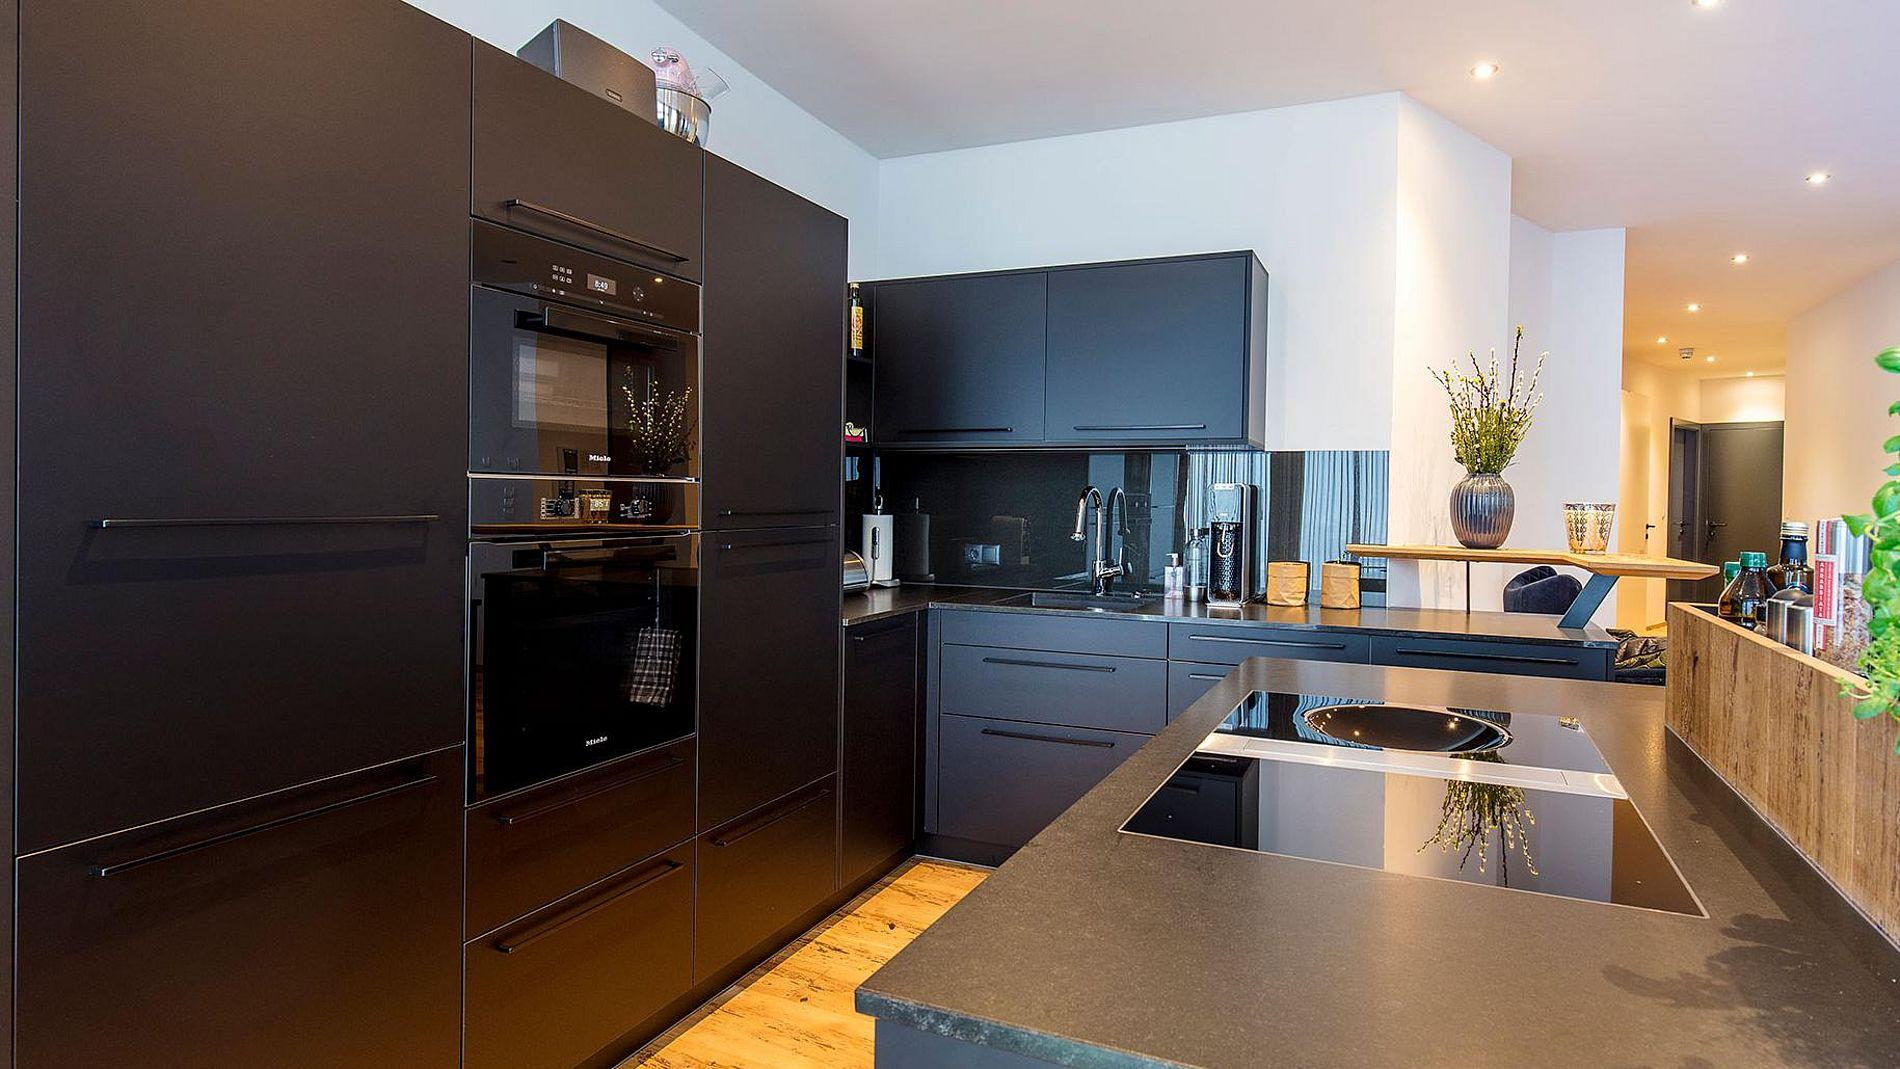 Niedlich Fliesen Farbe Für Die Küche Nach Vastu Fotos - Ideen Für ...